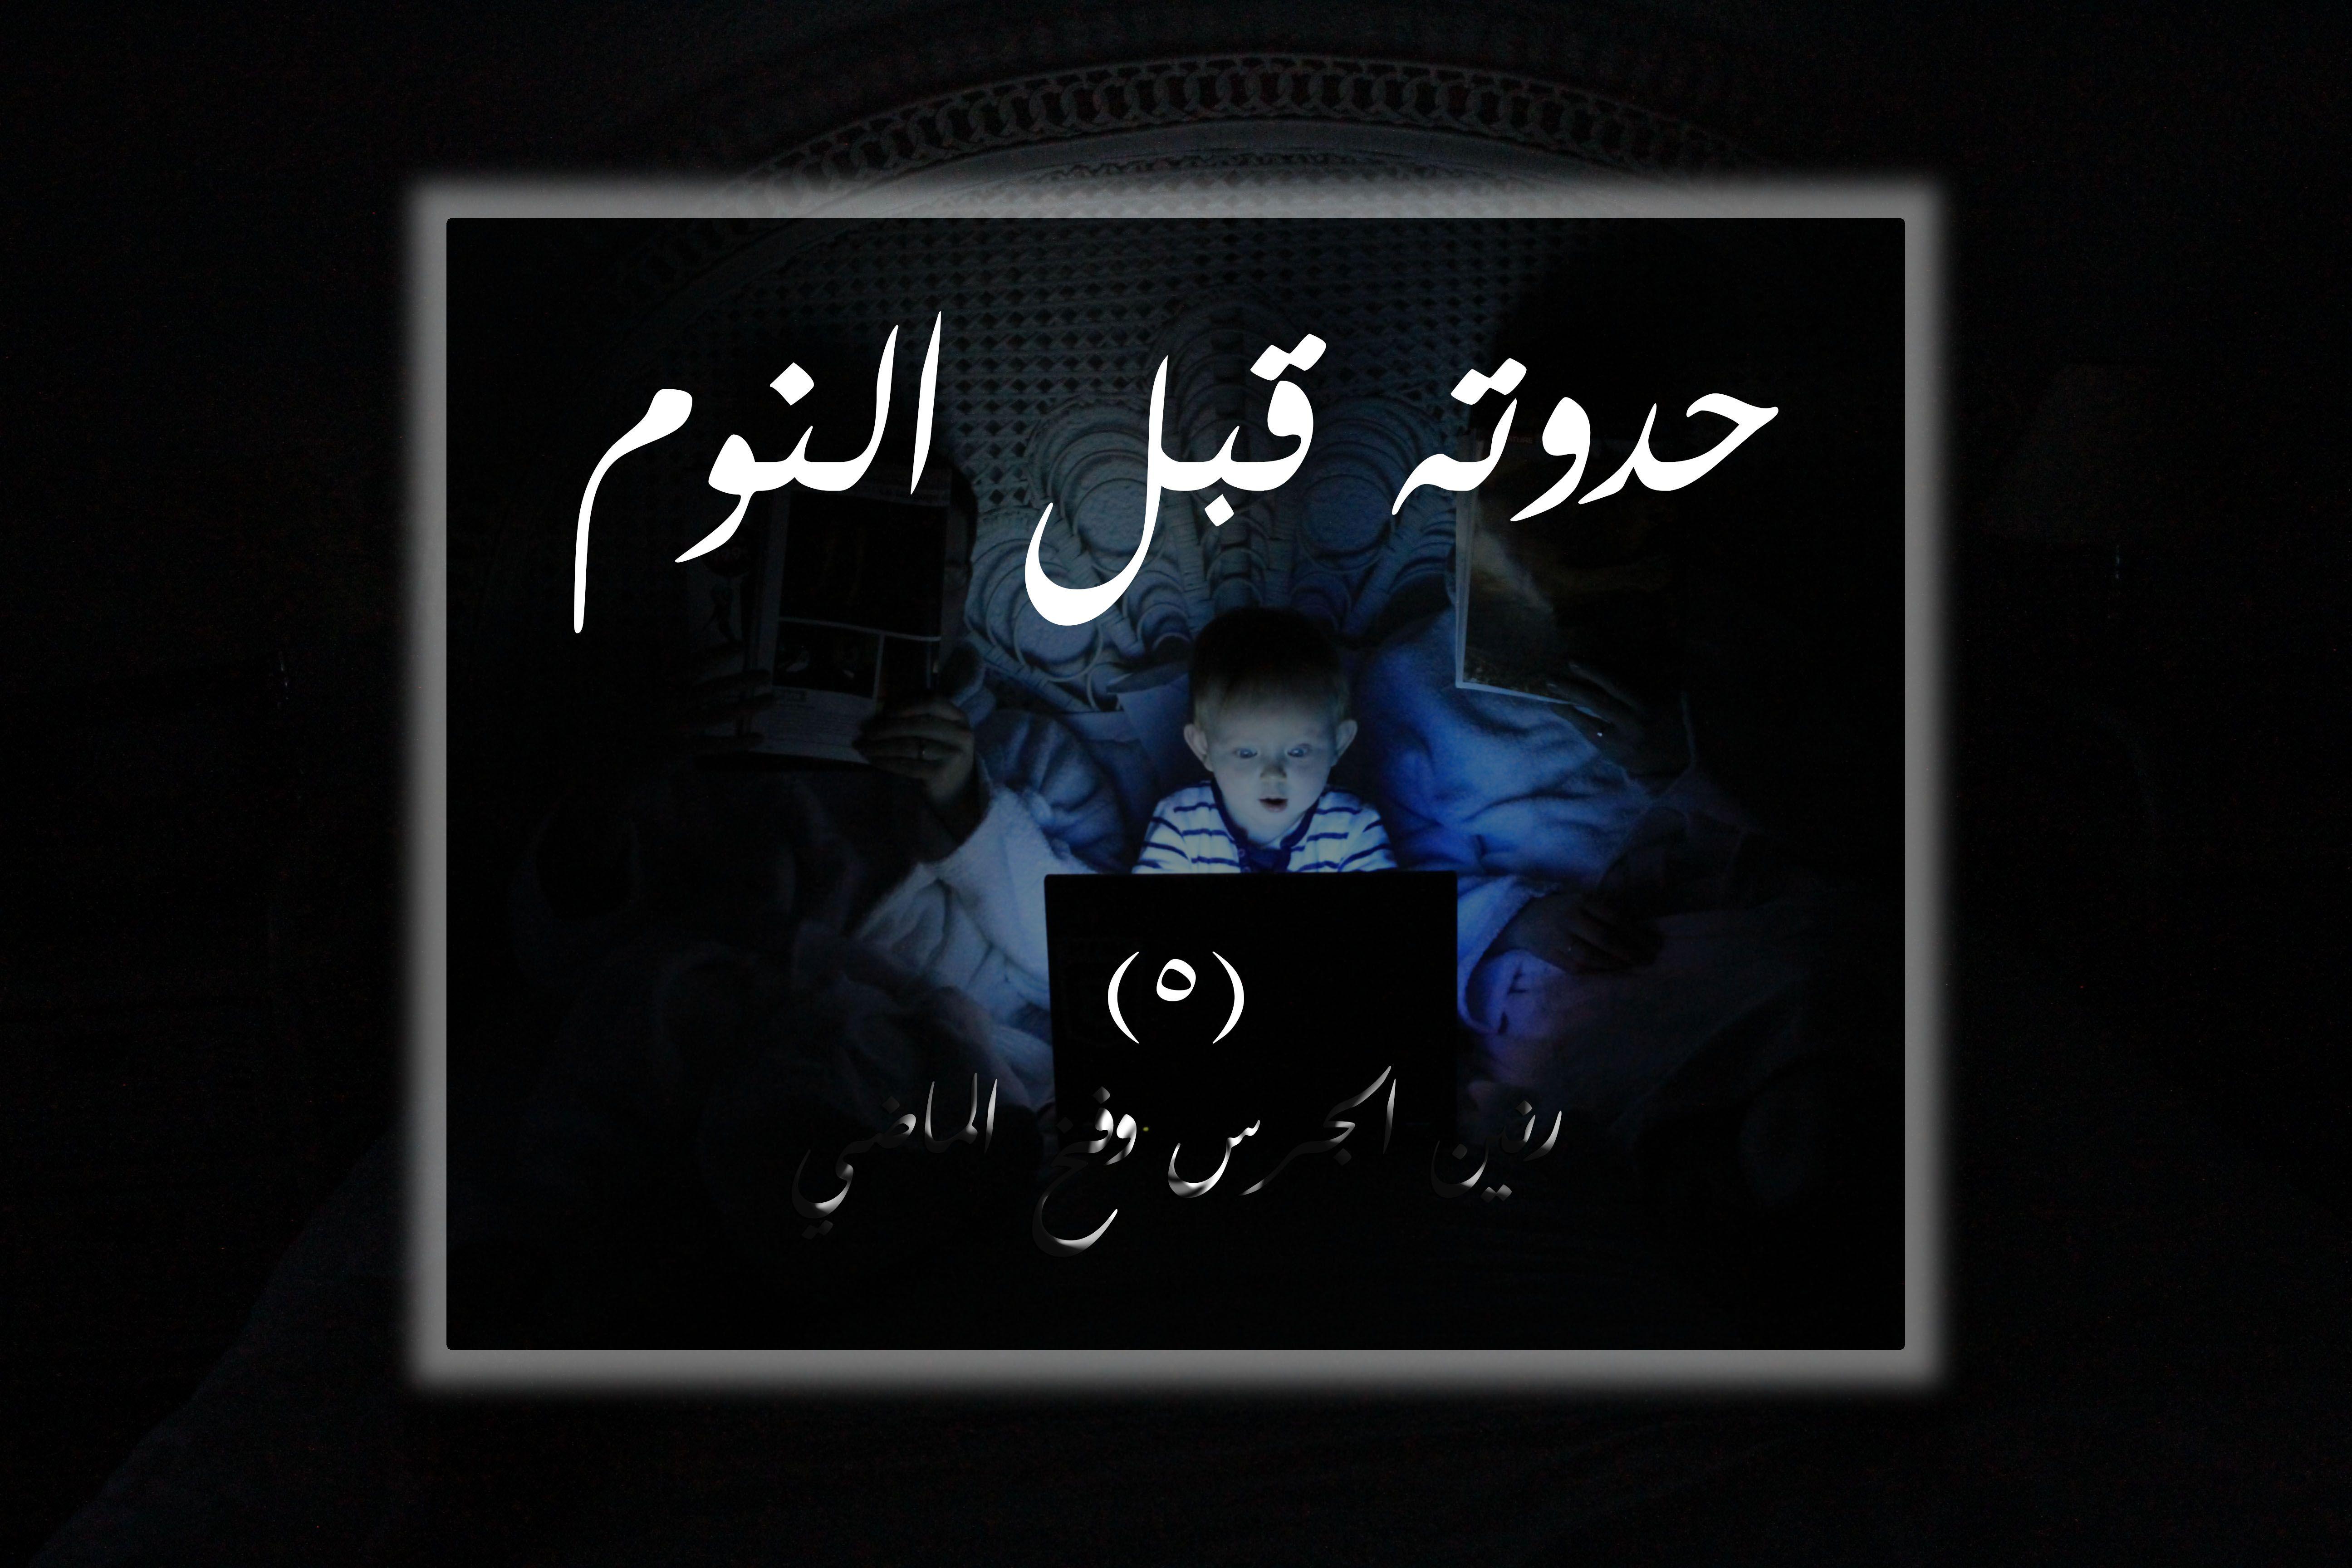 كلبش 3 ح 28 الثامنة والعشرون مسلسل كلبش الحلقة 28 أمير